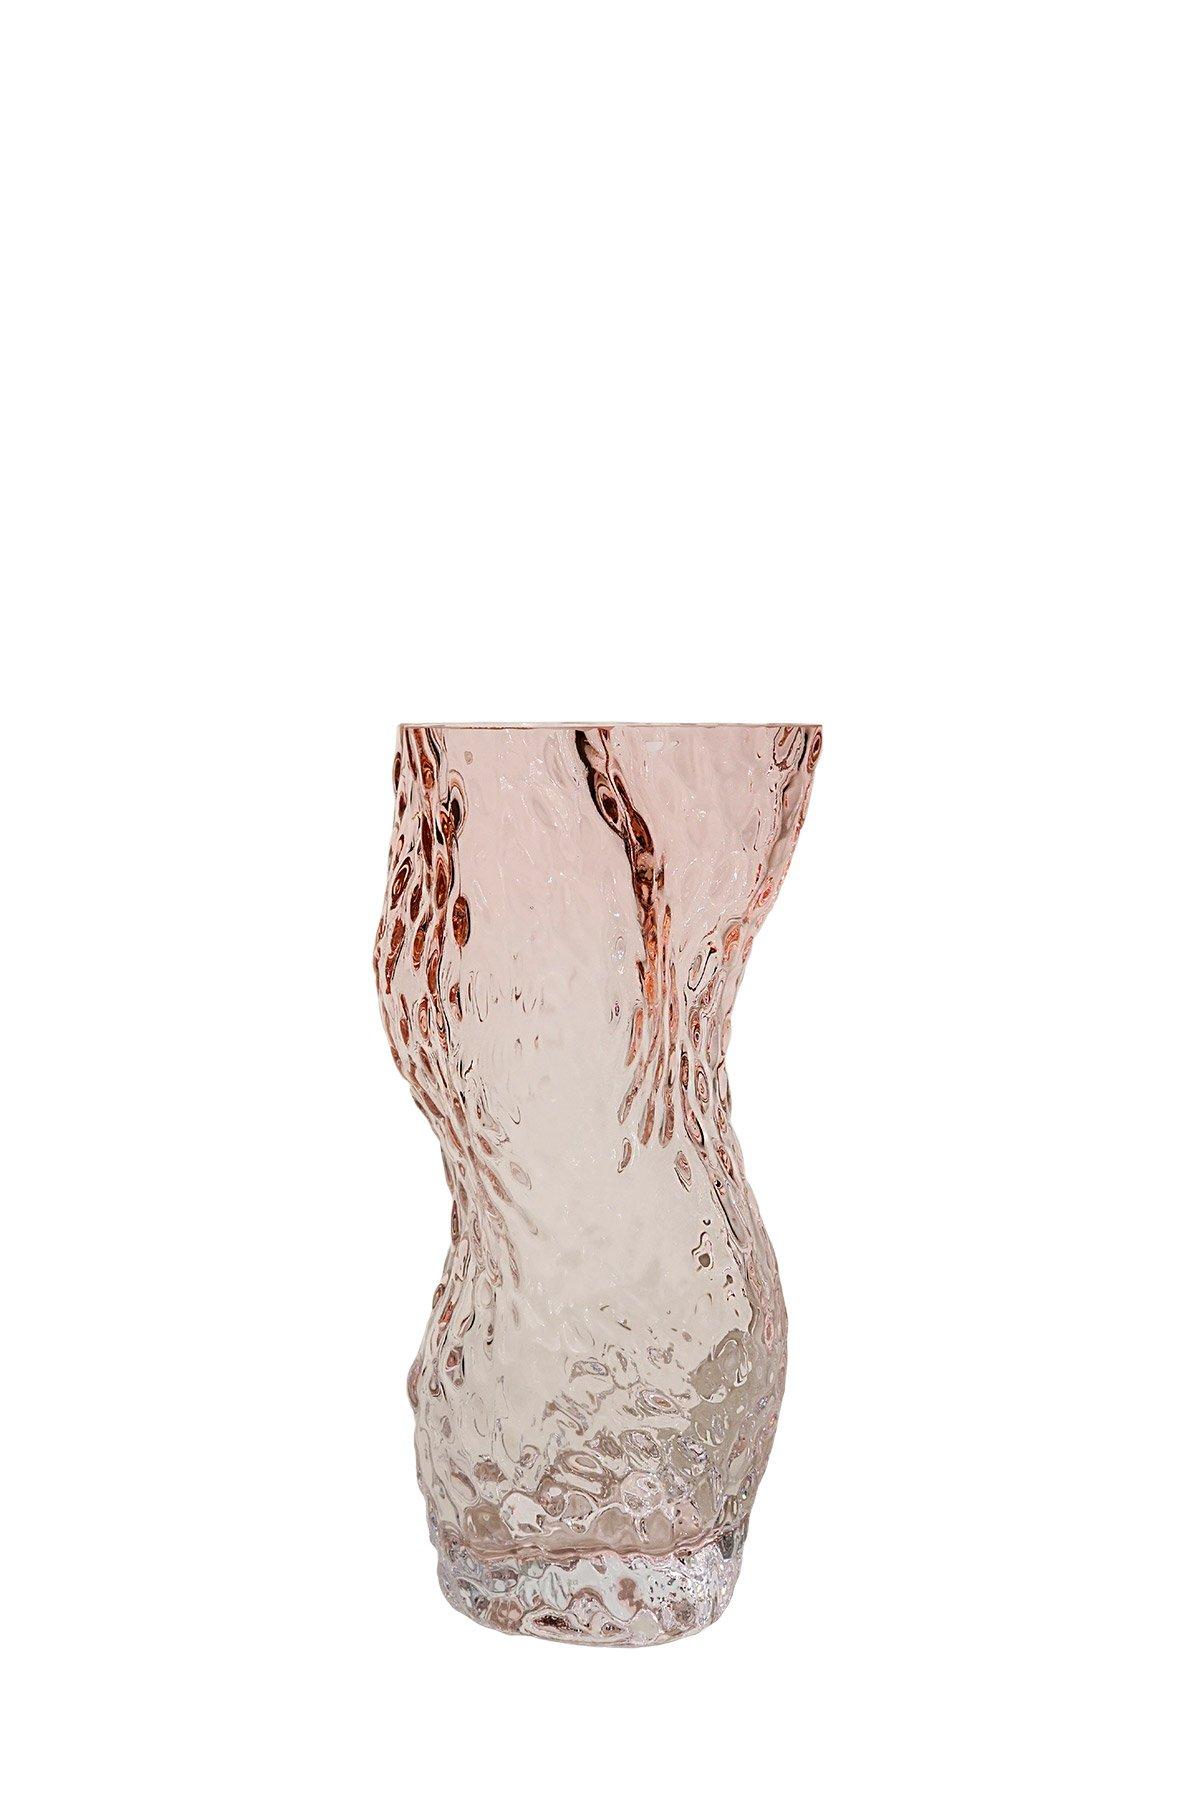 Formfull vase i ombré-effekt